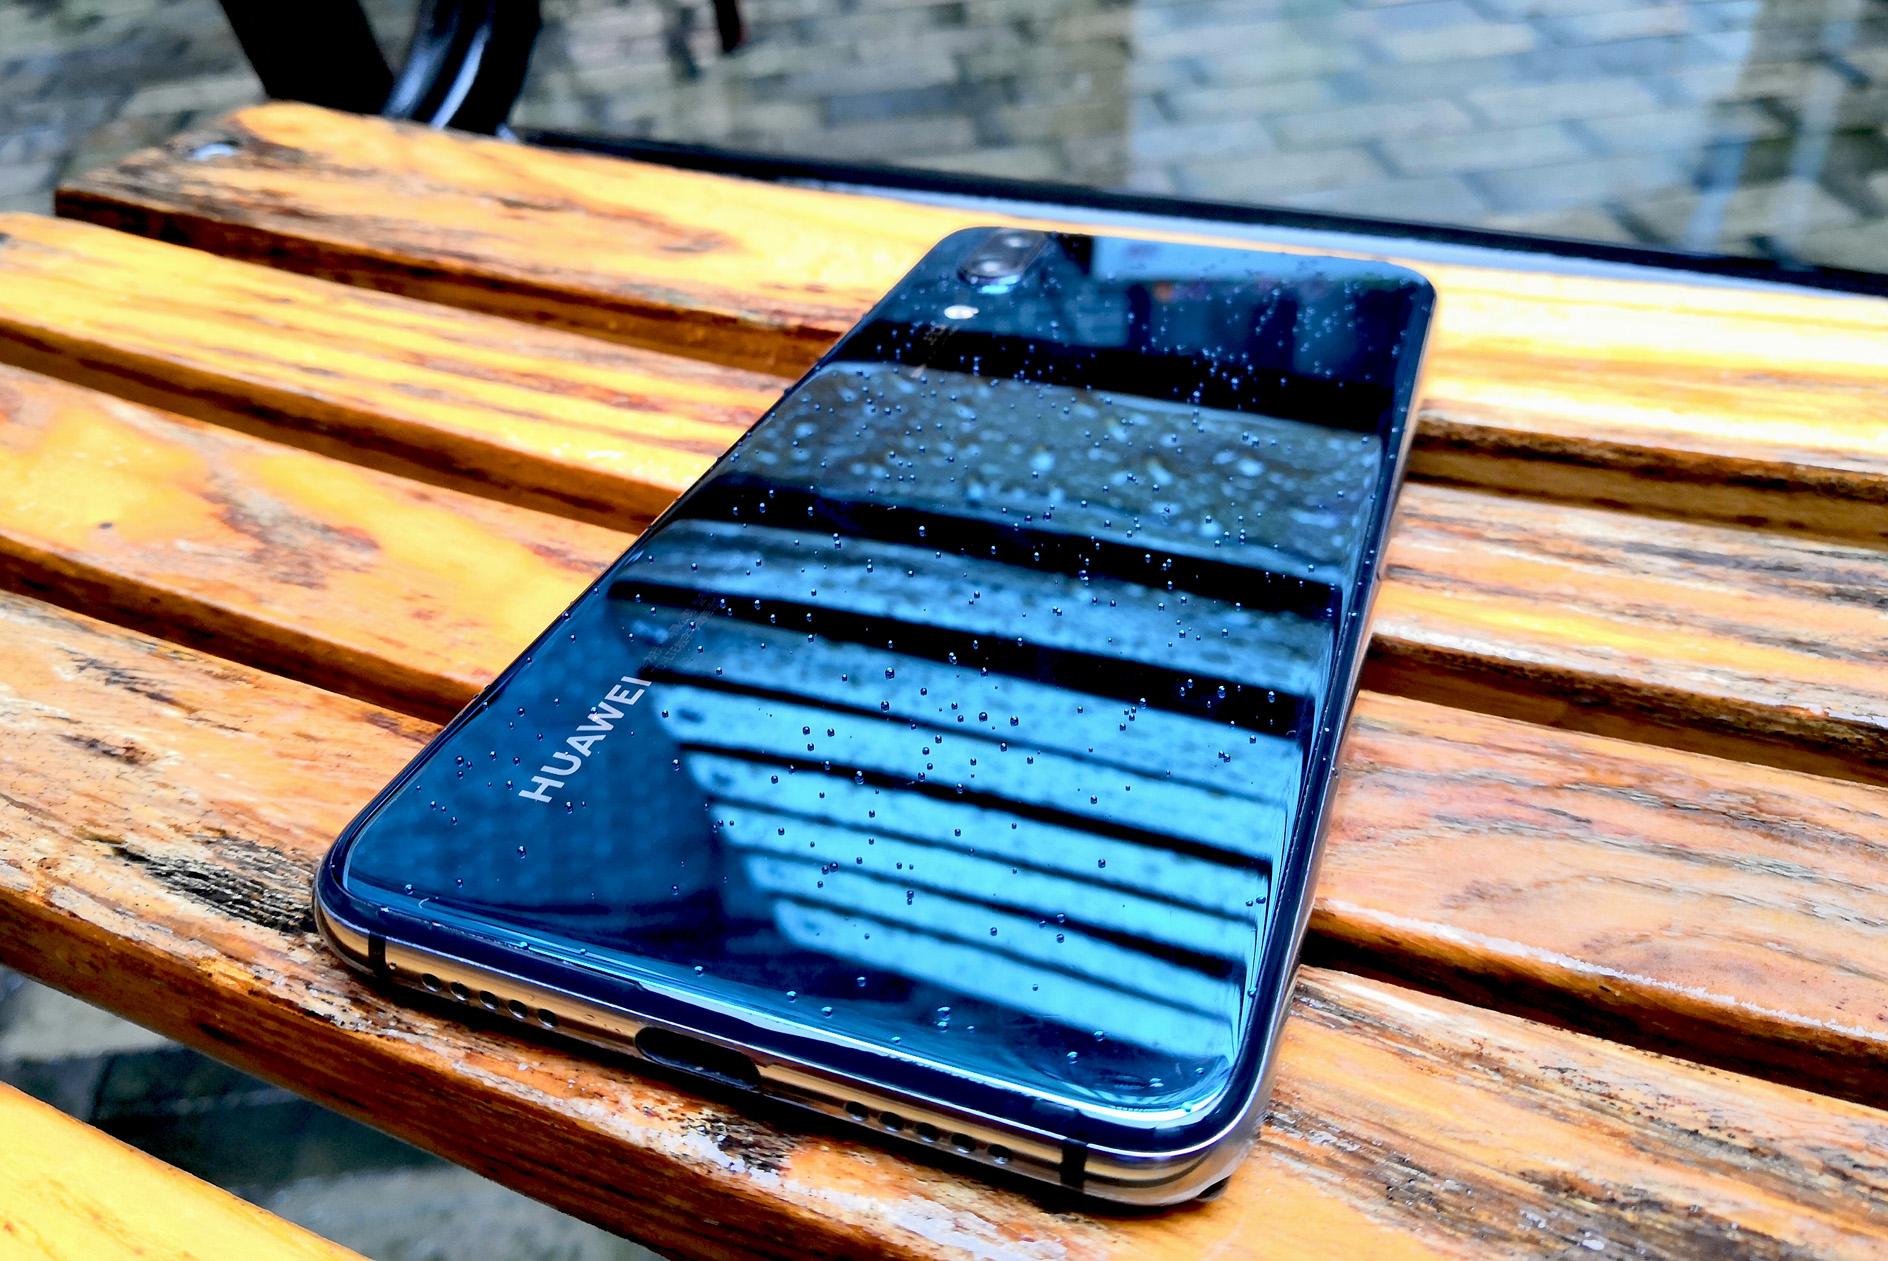 华为公司P20經典宝石蓝,不只是一件艺术品,還是一款手机游戏神机!